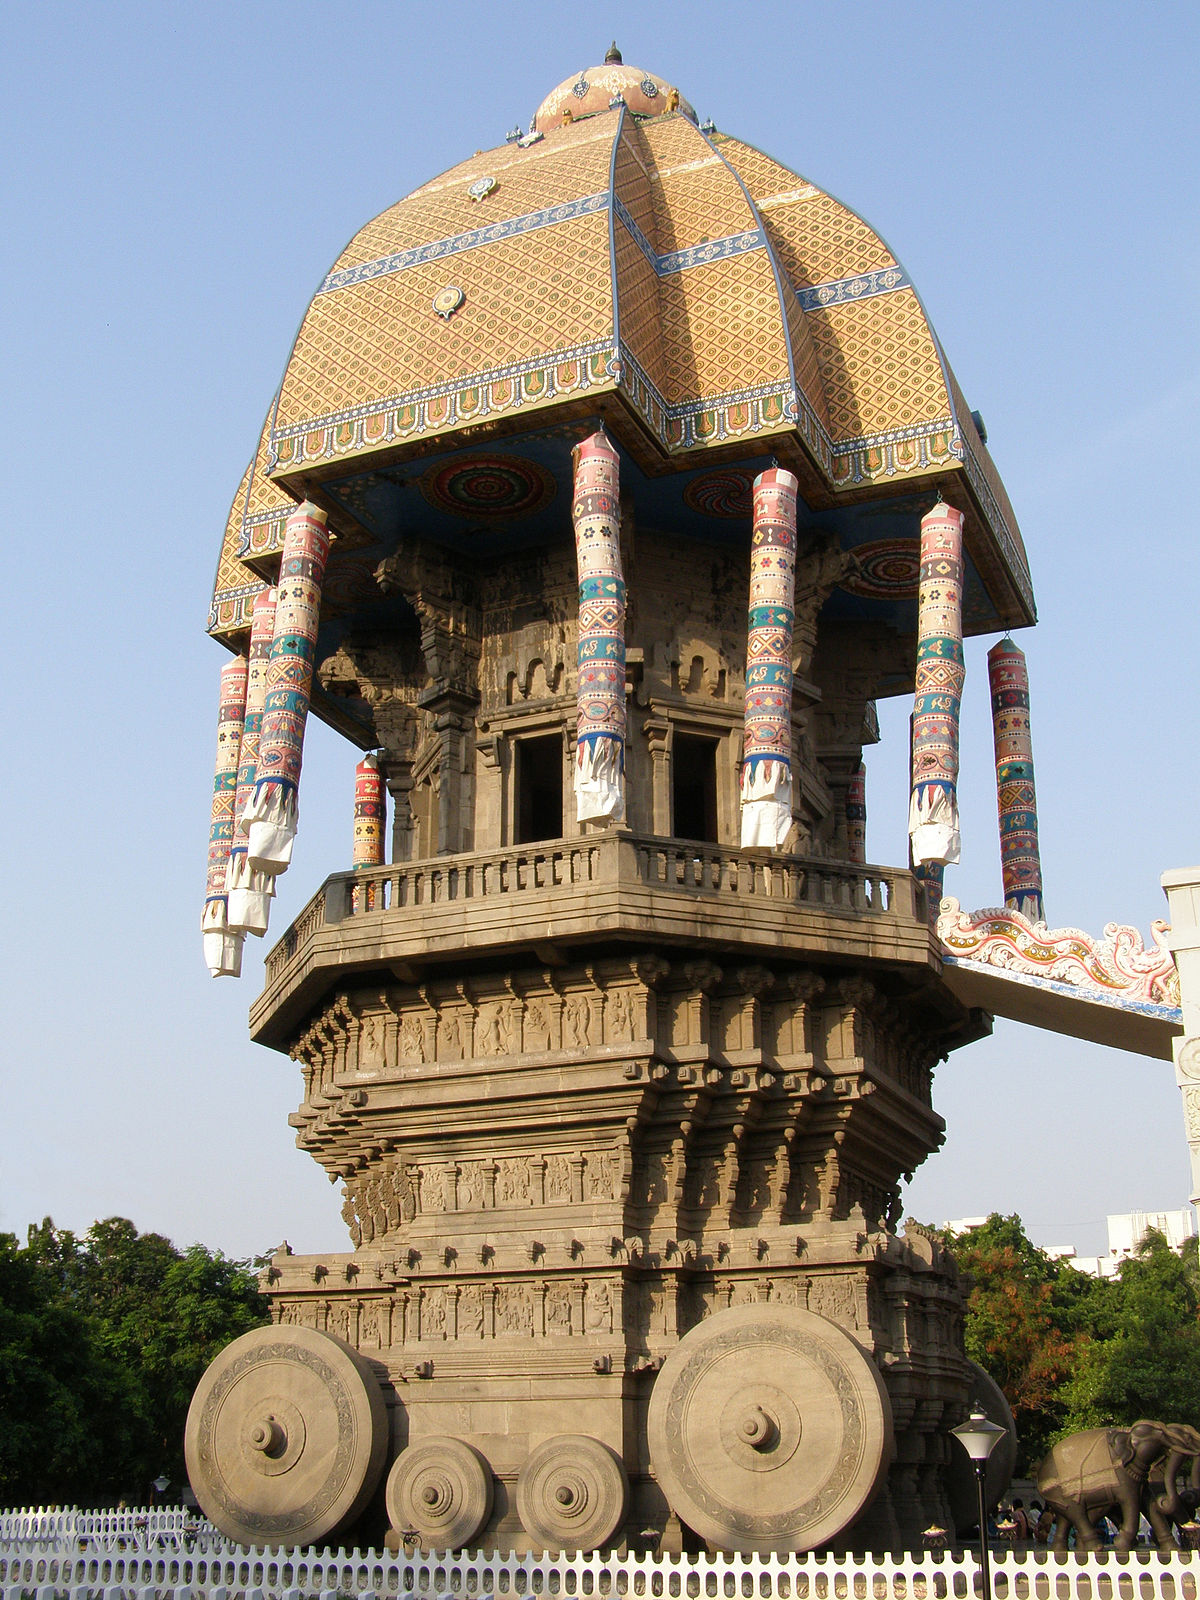 Image Galleries For Lionaid Campaigns: Valluvar Kottam